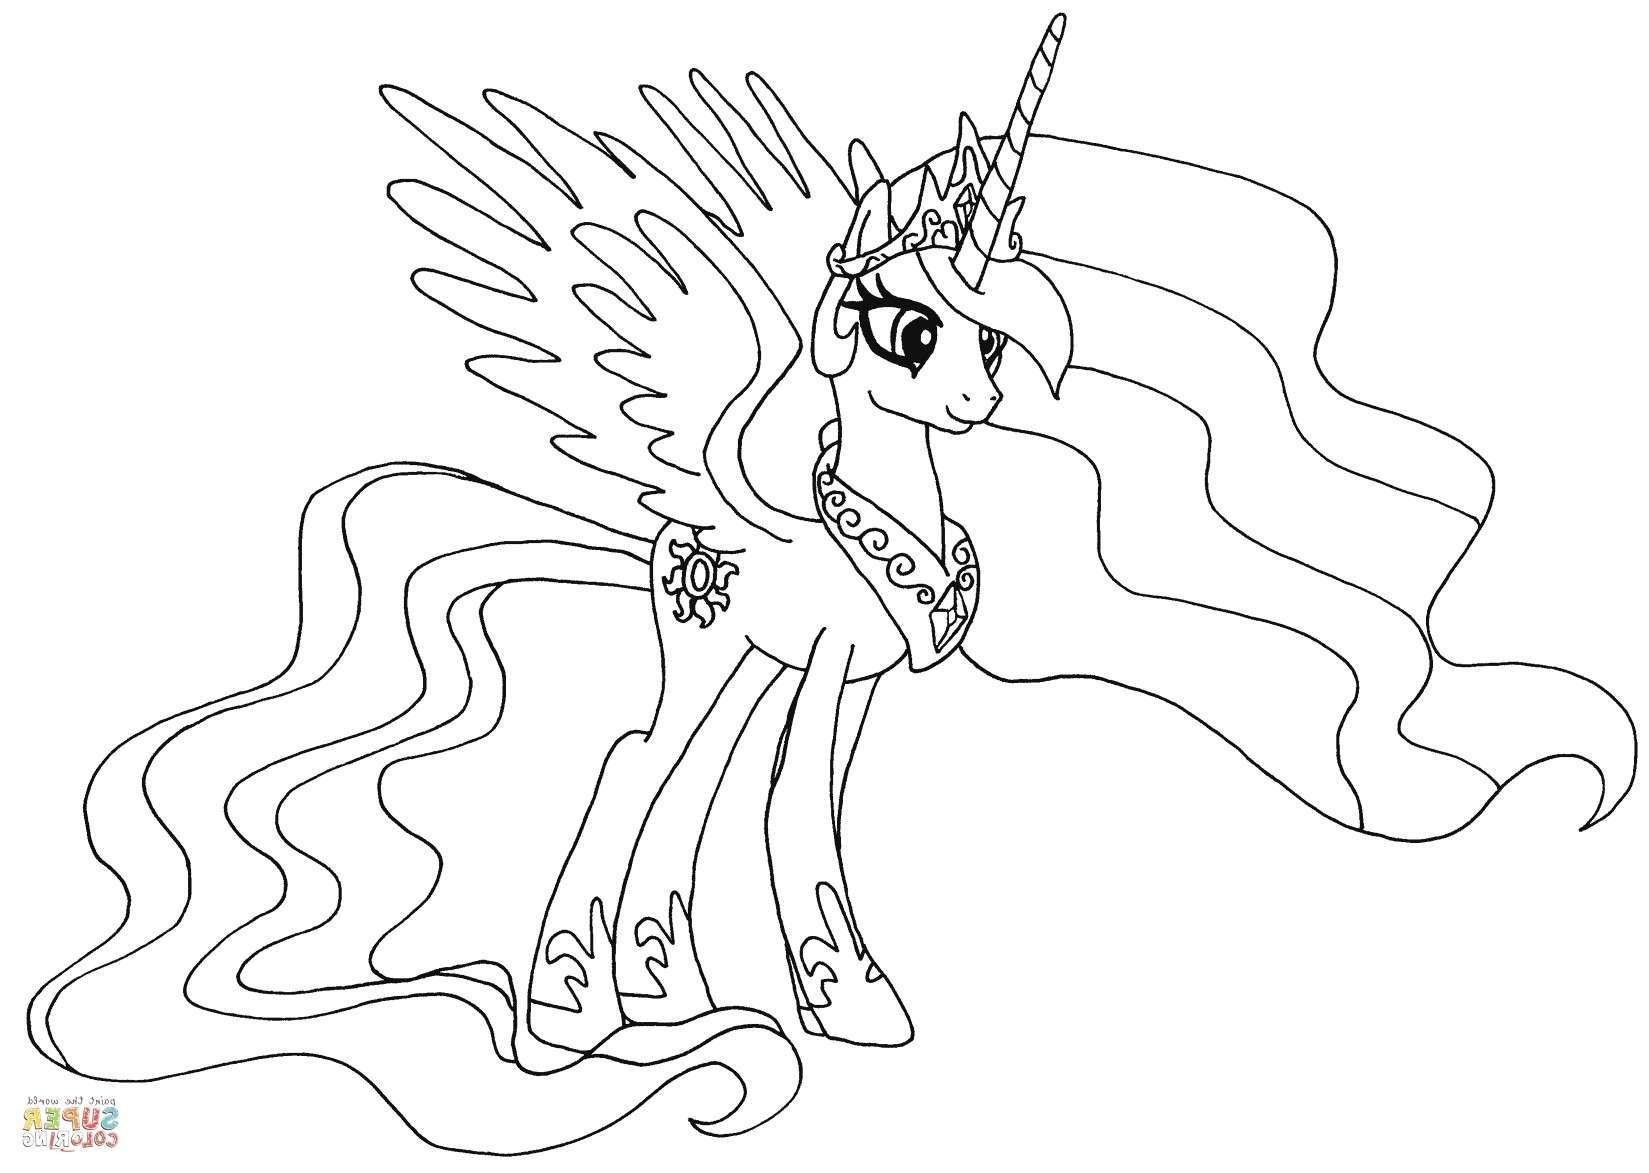 My Little Pony Friendship is Magic Ausmalbilder Das Beste Von 47 Neu Ausmalbilder My Little Pony Luna Beste Malvorlage Fotos